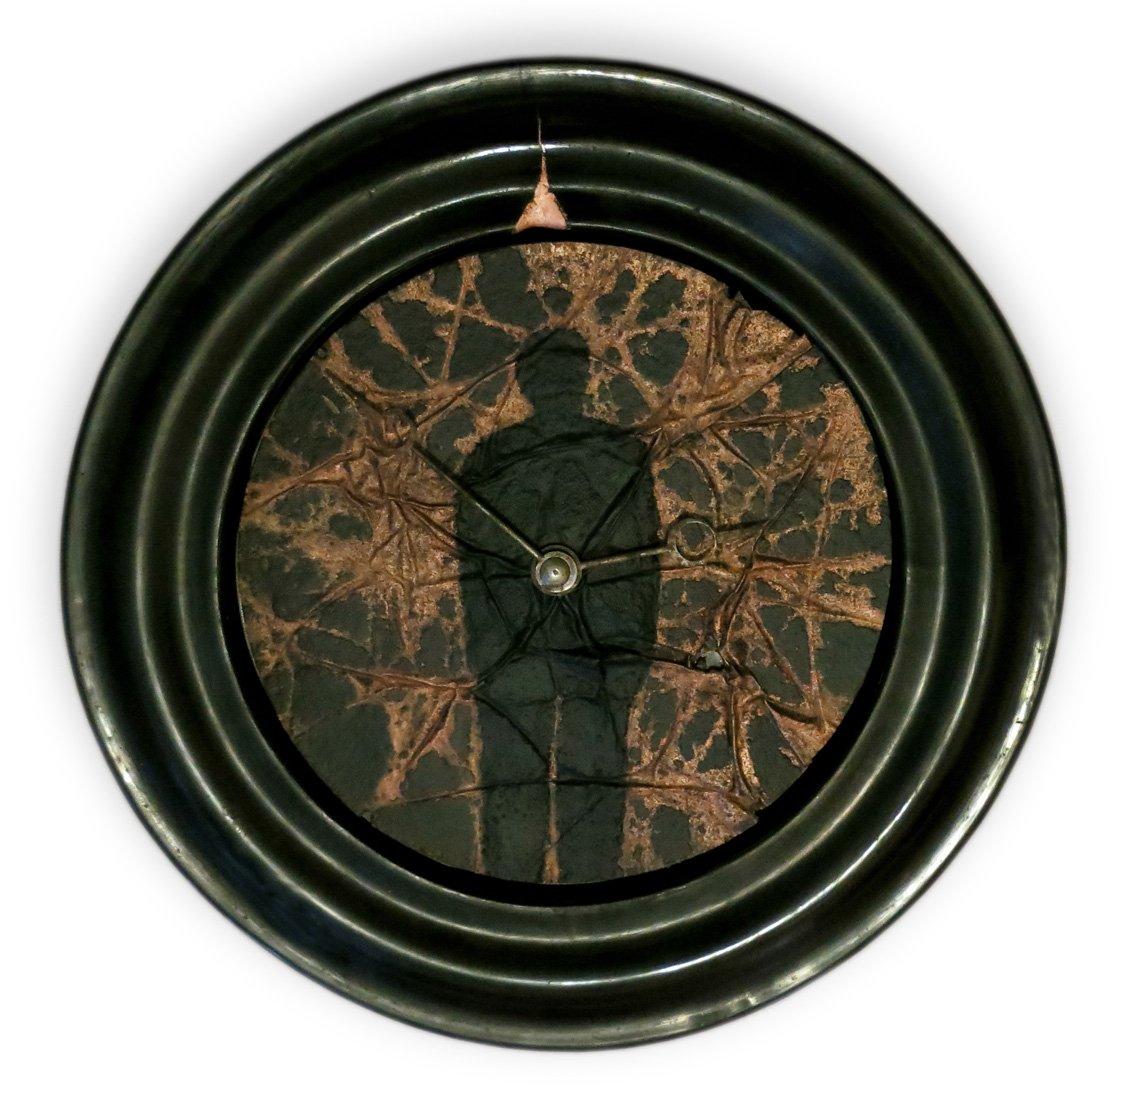 L'homme horloge oeuvre artiste contemporain Kamel Yahiaoui